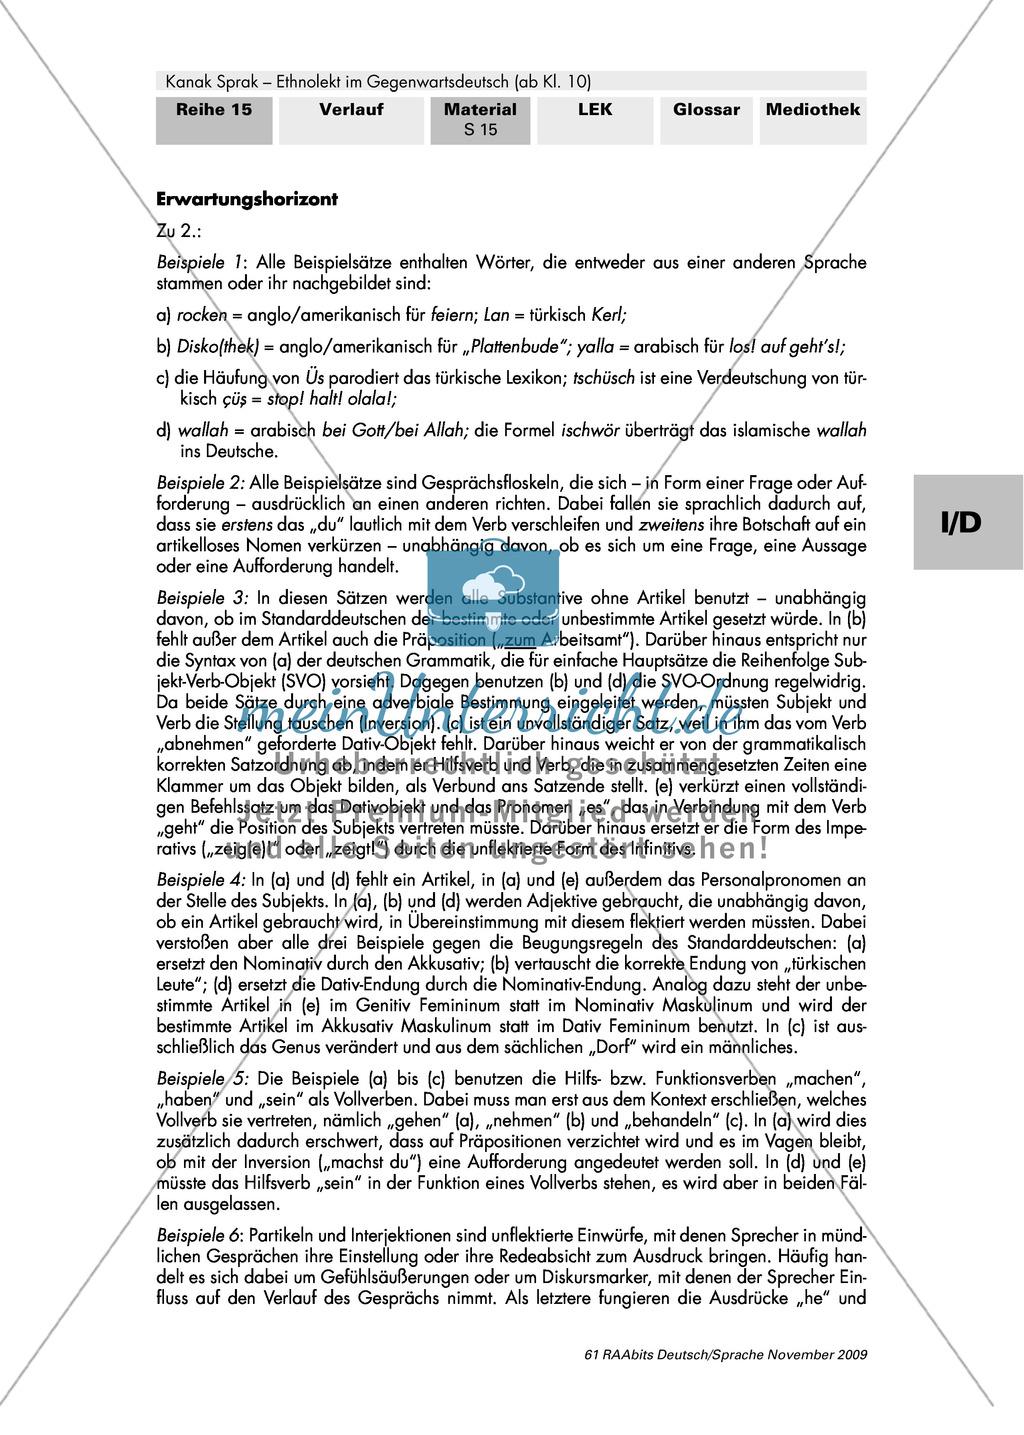 Importe, Verkürzungen, Abweichungen - Ethnolekt Preview 3